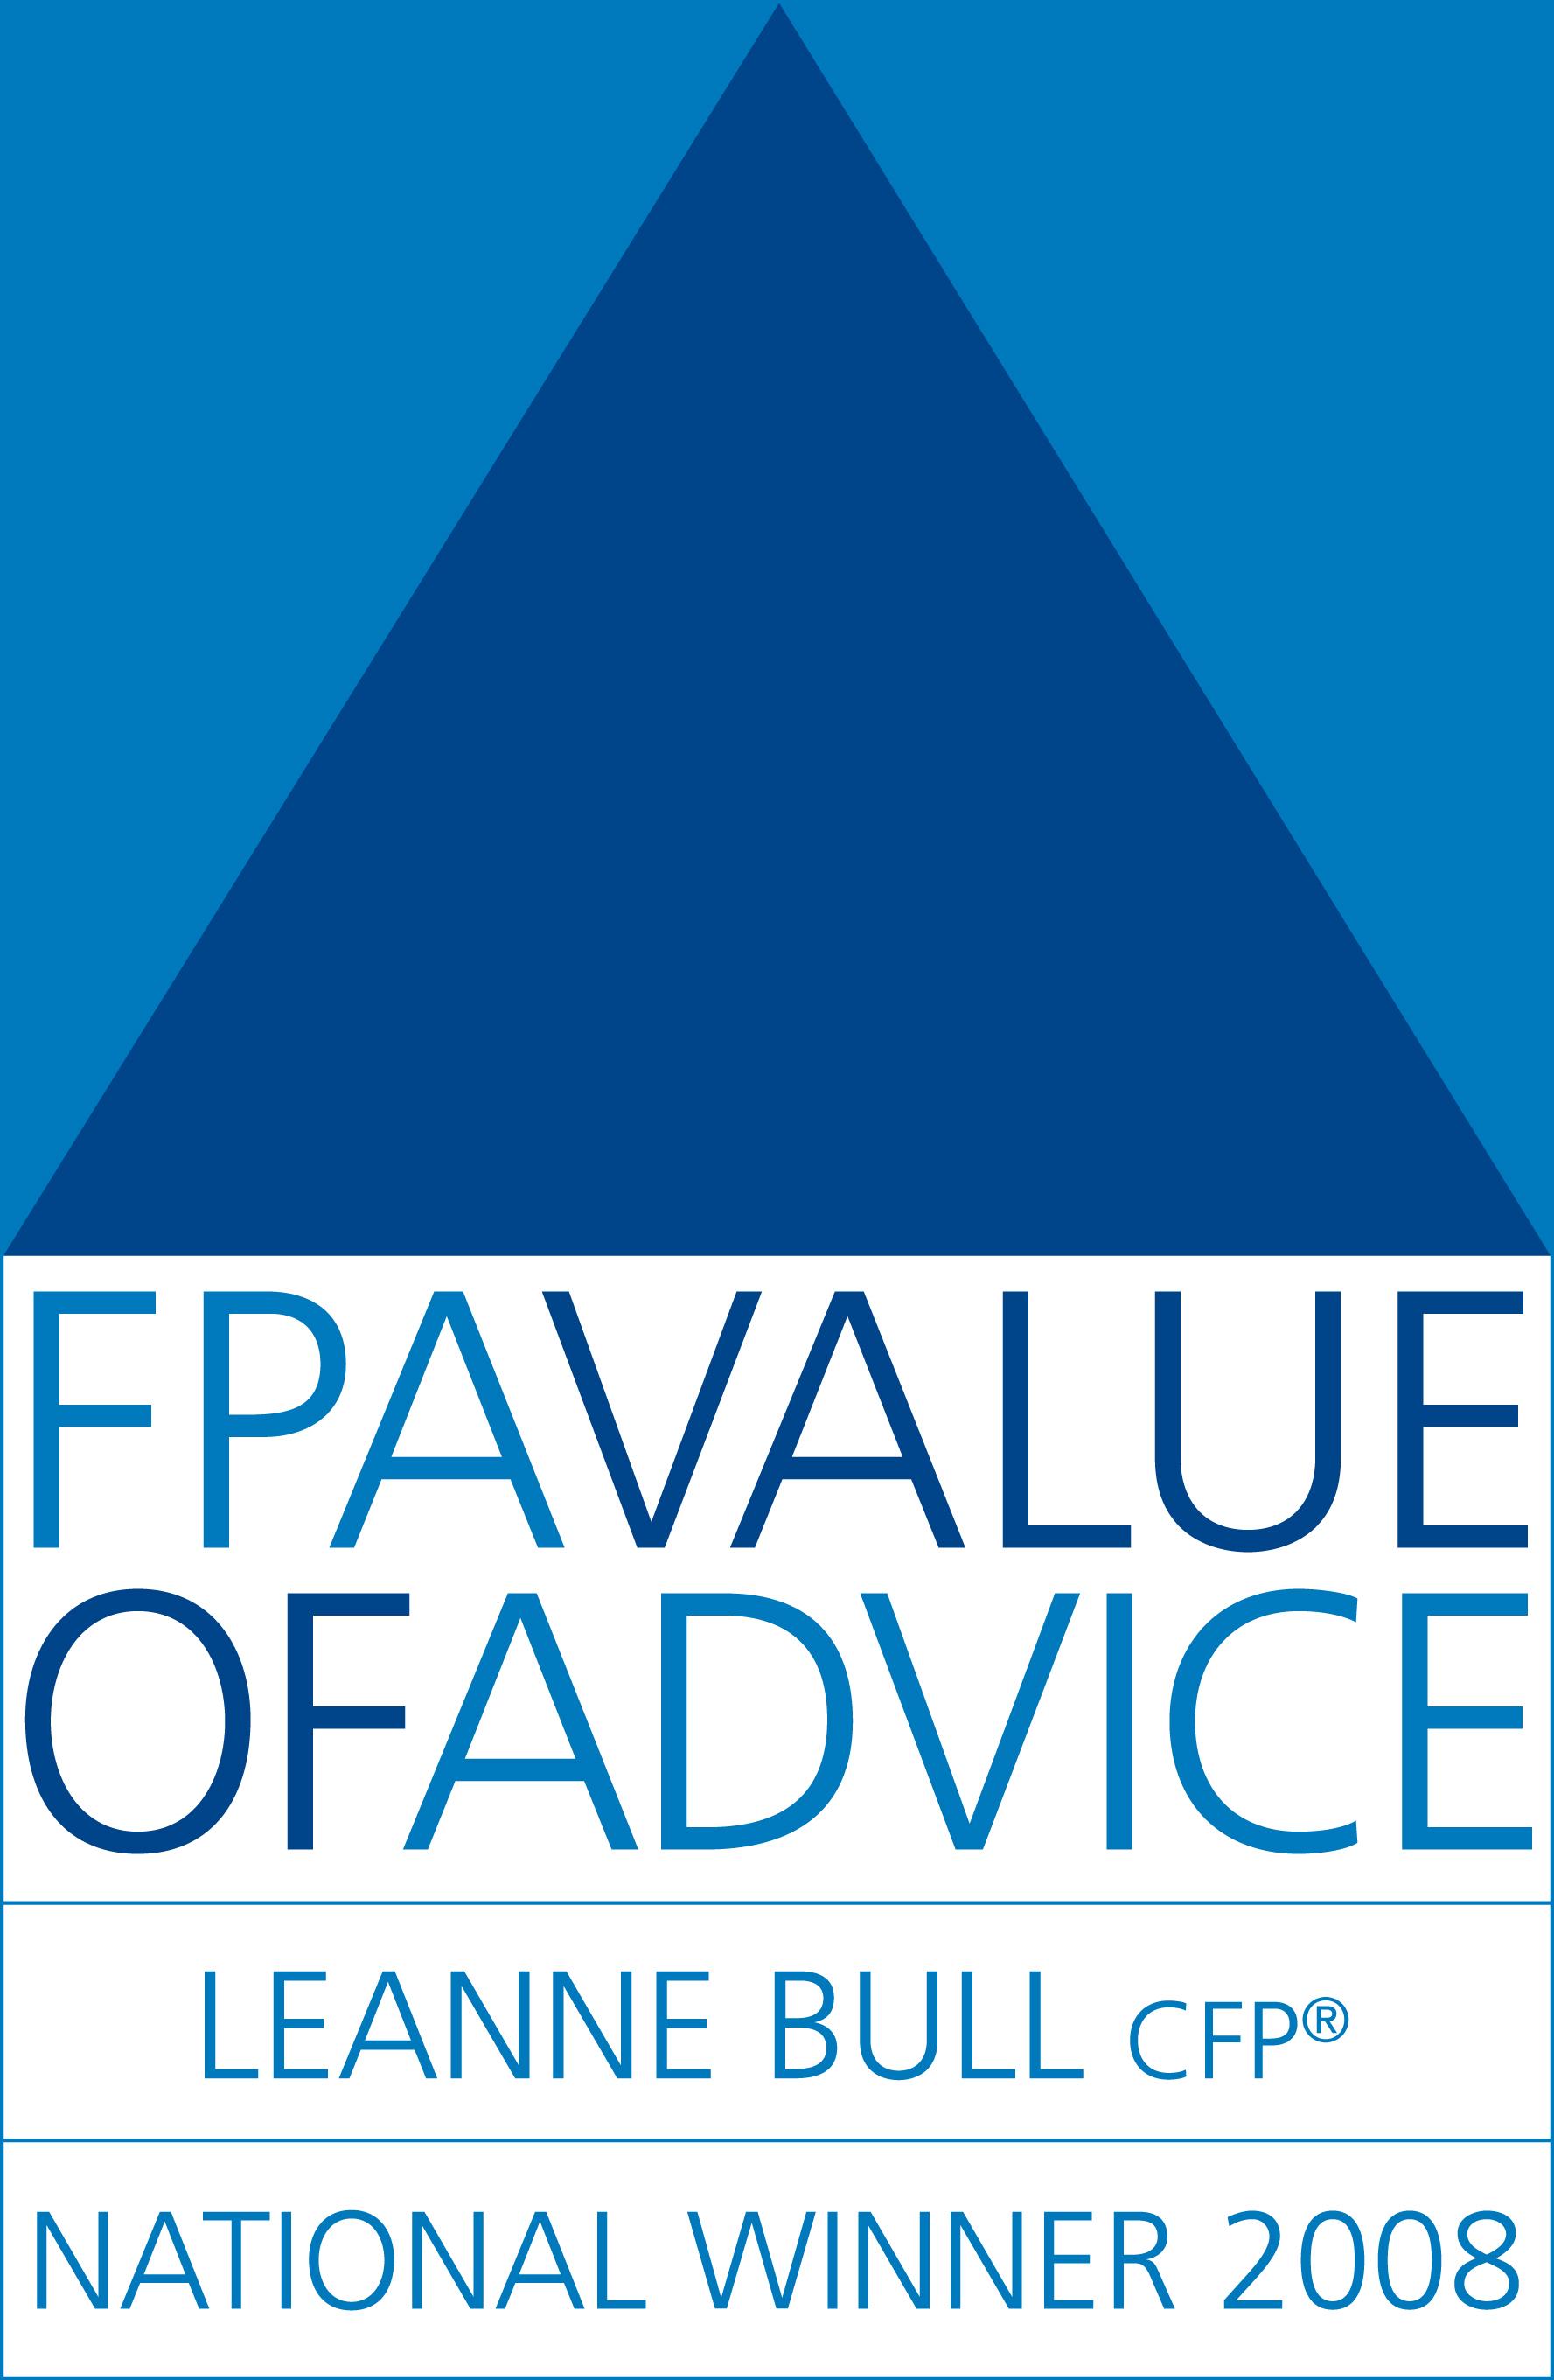 FPA VOA WINNER 08 Logo - Bull Financial Group